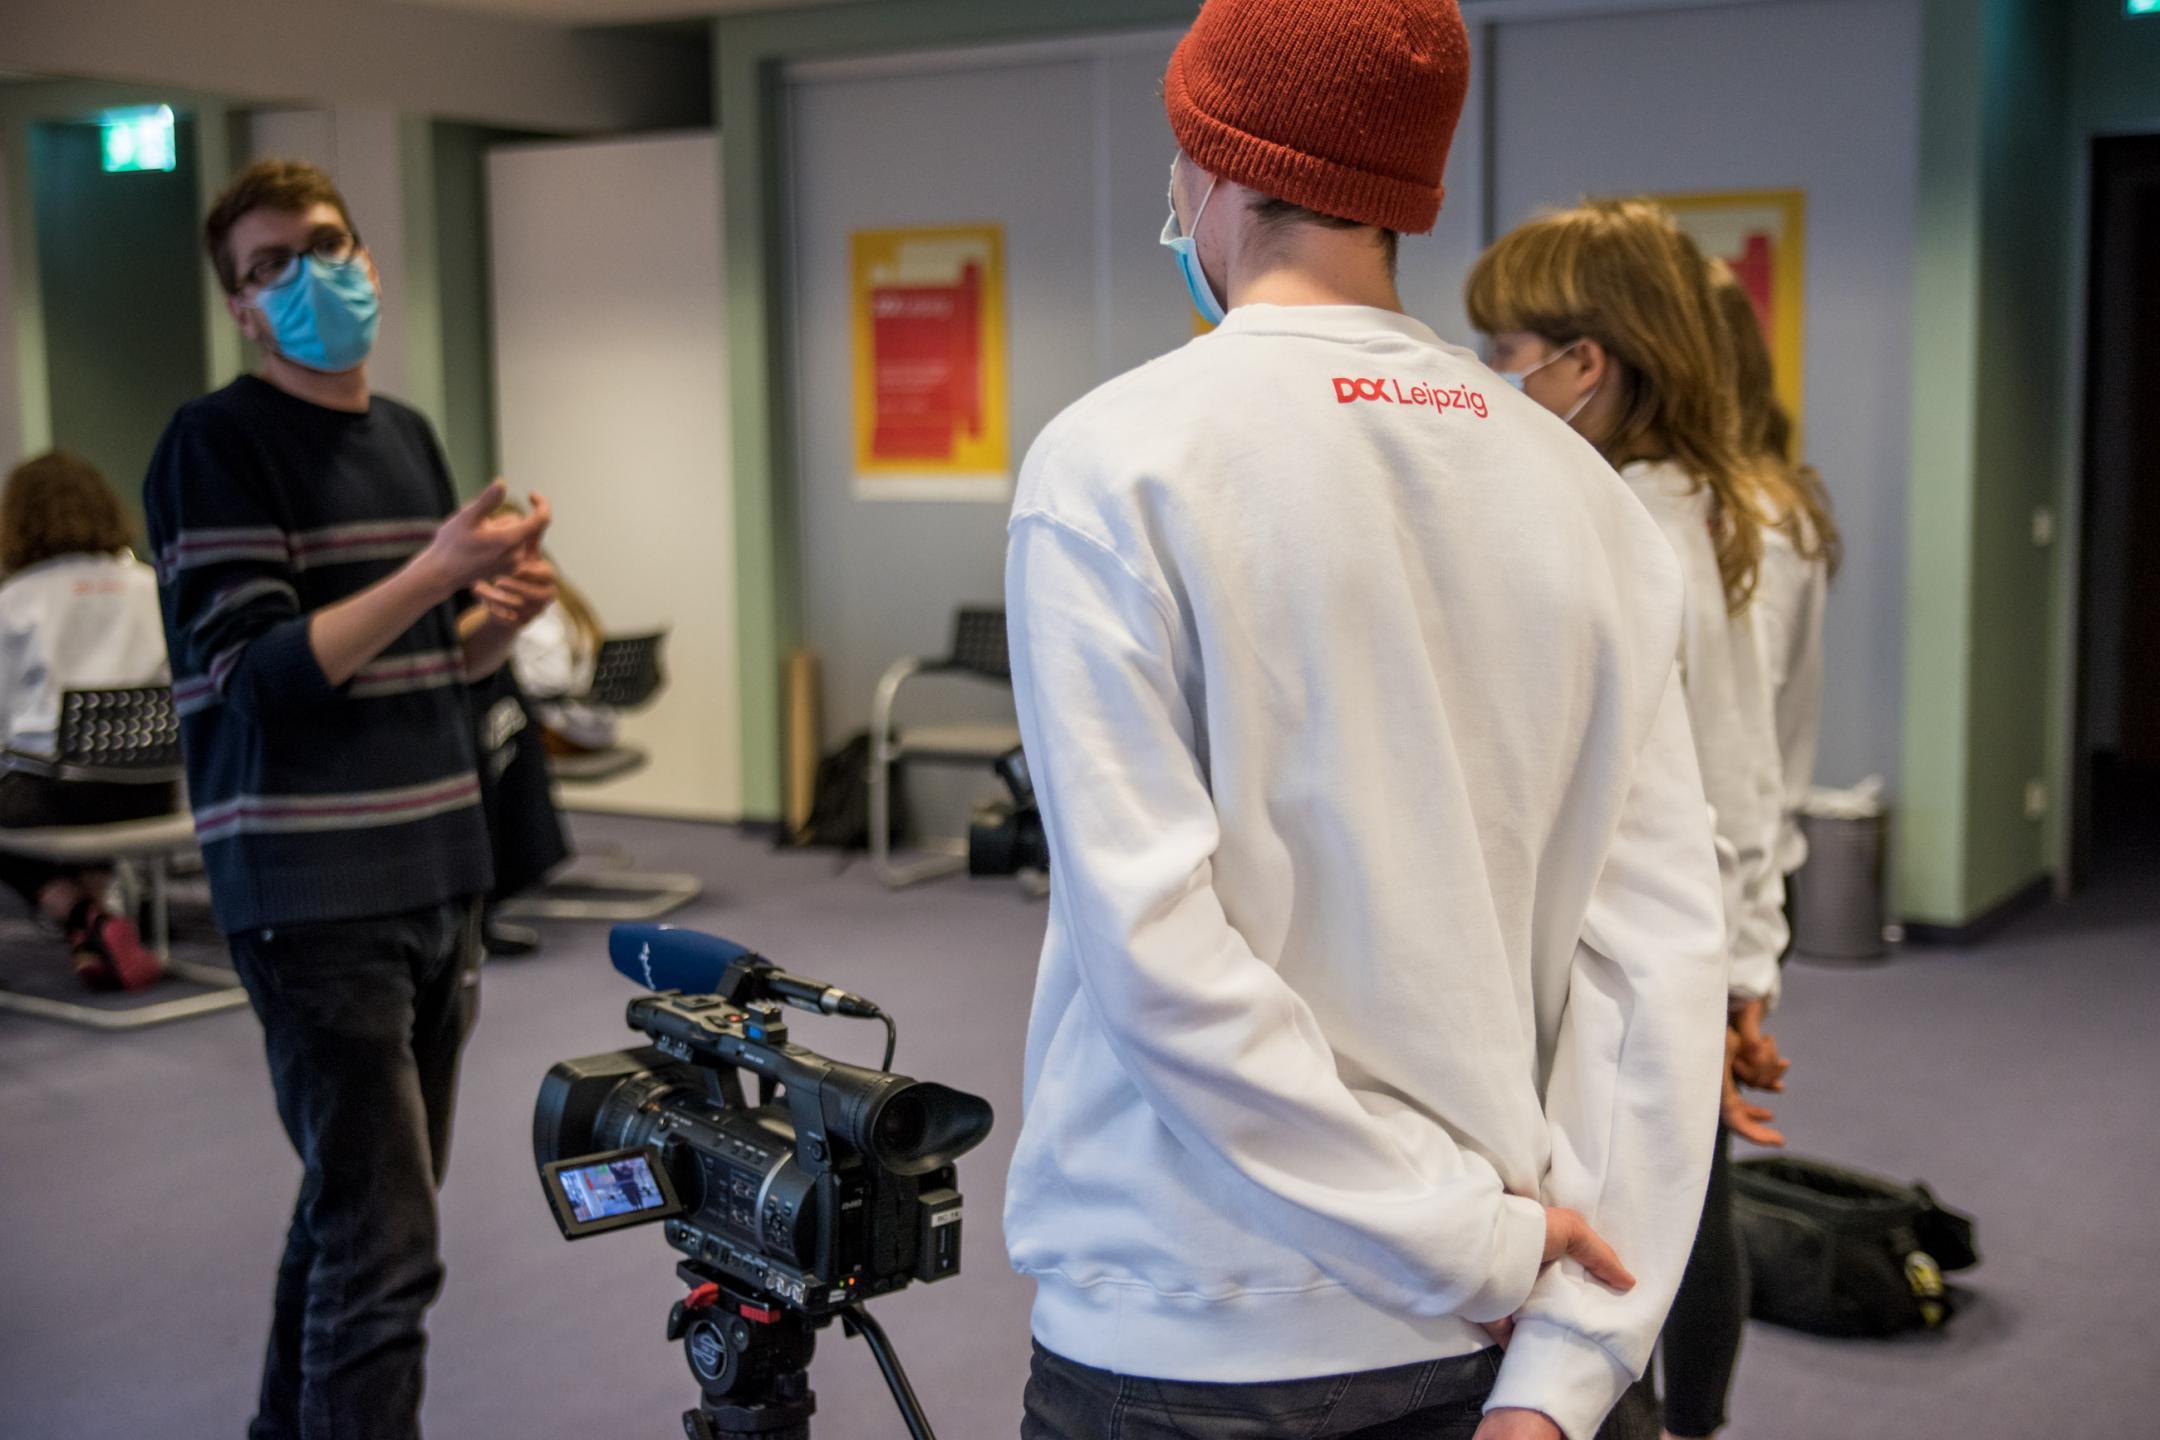 Zwei Jugendliche stehen hinter einer Videokamera und interviewen einen Mann.